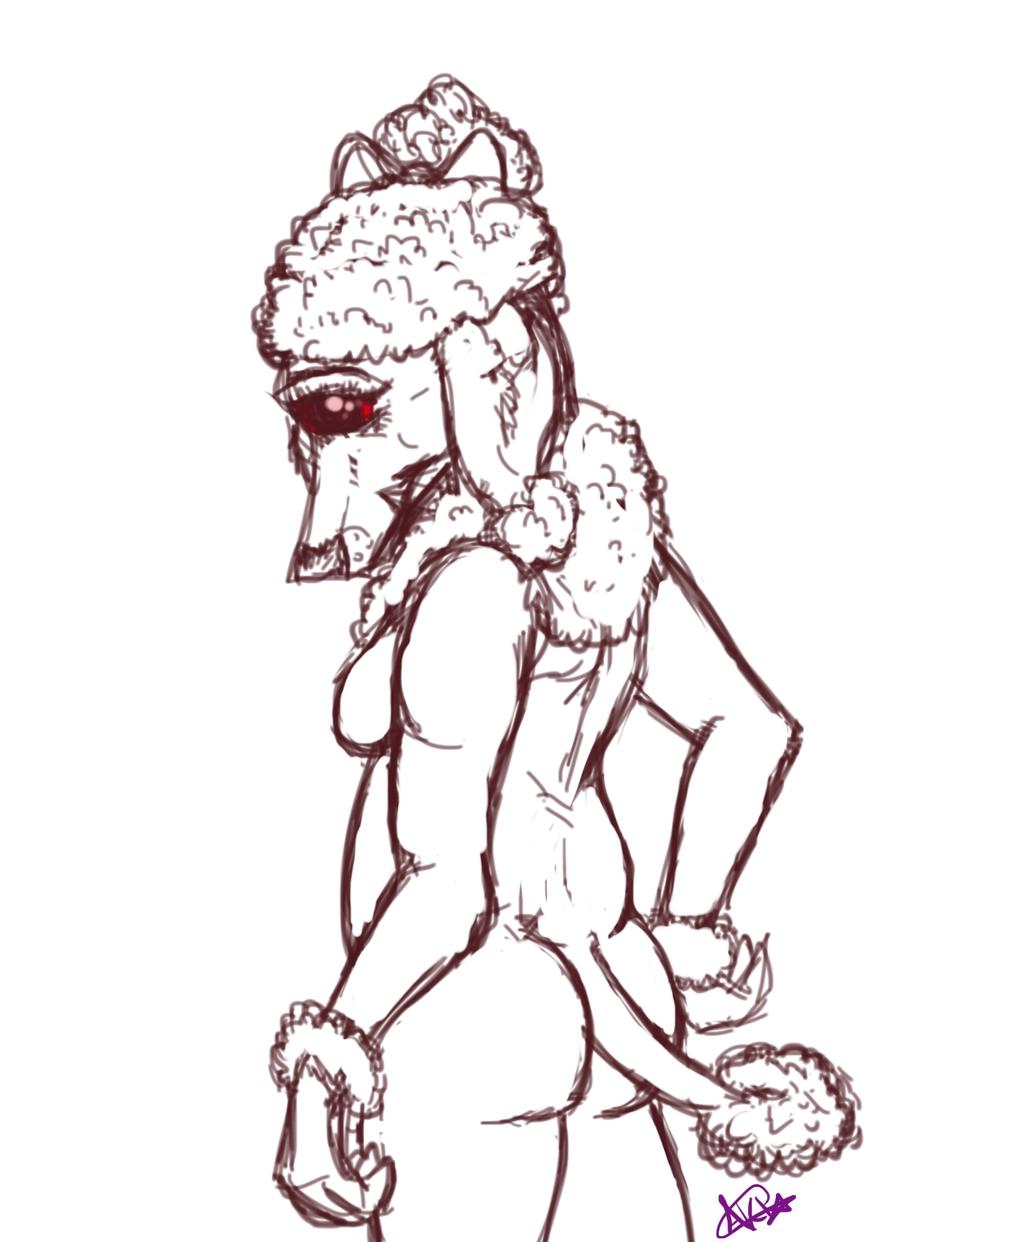 Poodle Doodle (sketch request)